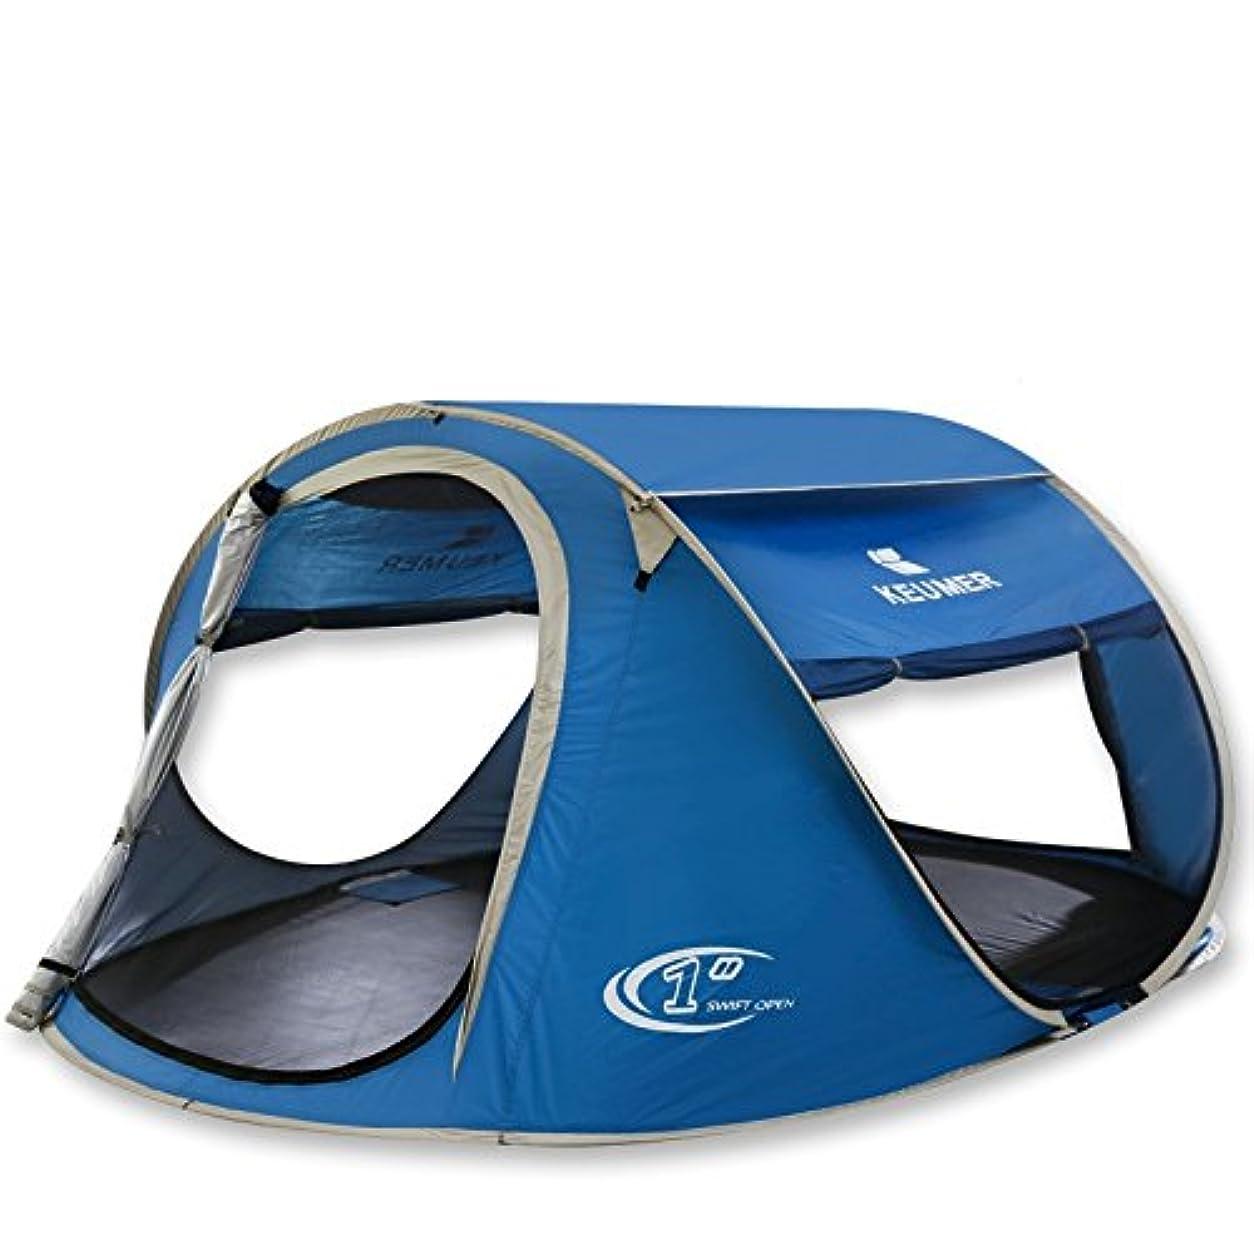 強盗技術運営Nasou ビーチテント、ビーチテント自動的に折り畳む屋外ダブル釣りテントレインサンシェードUVテント